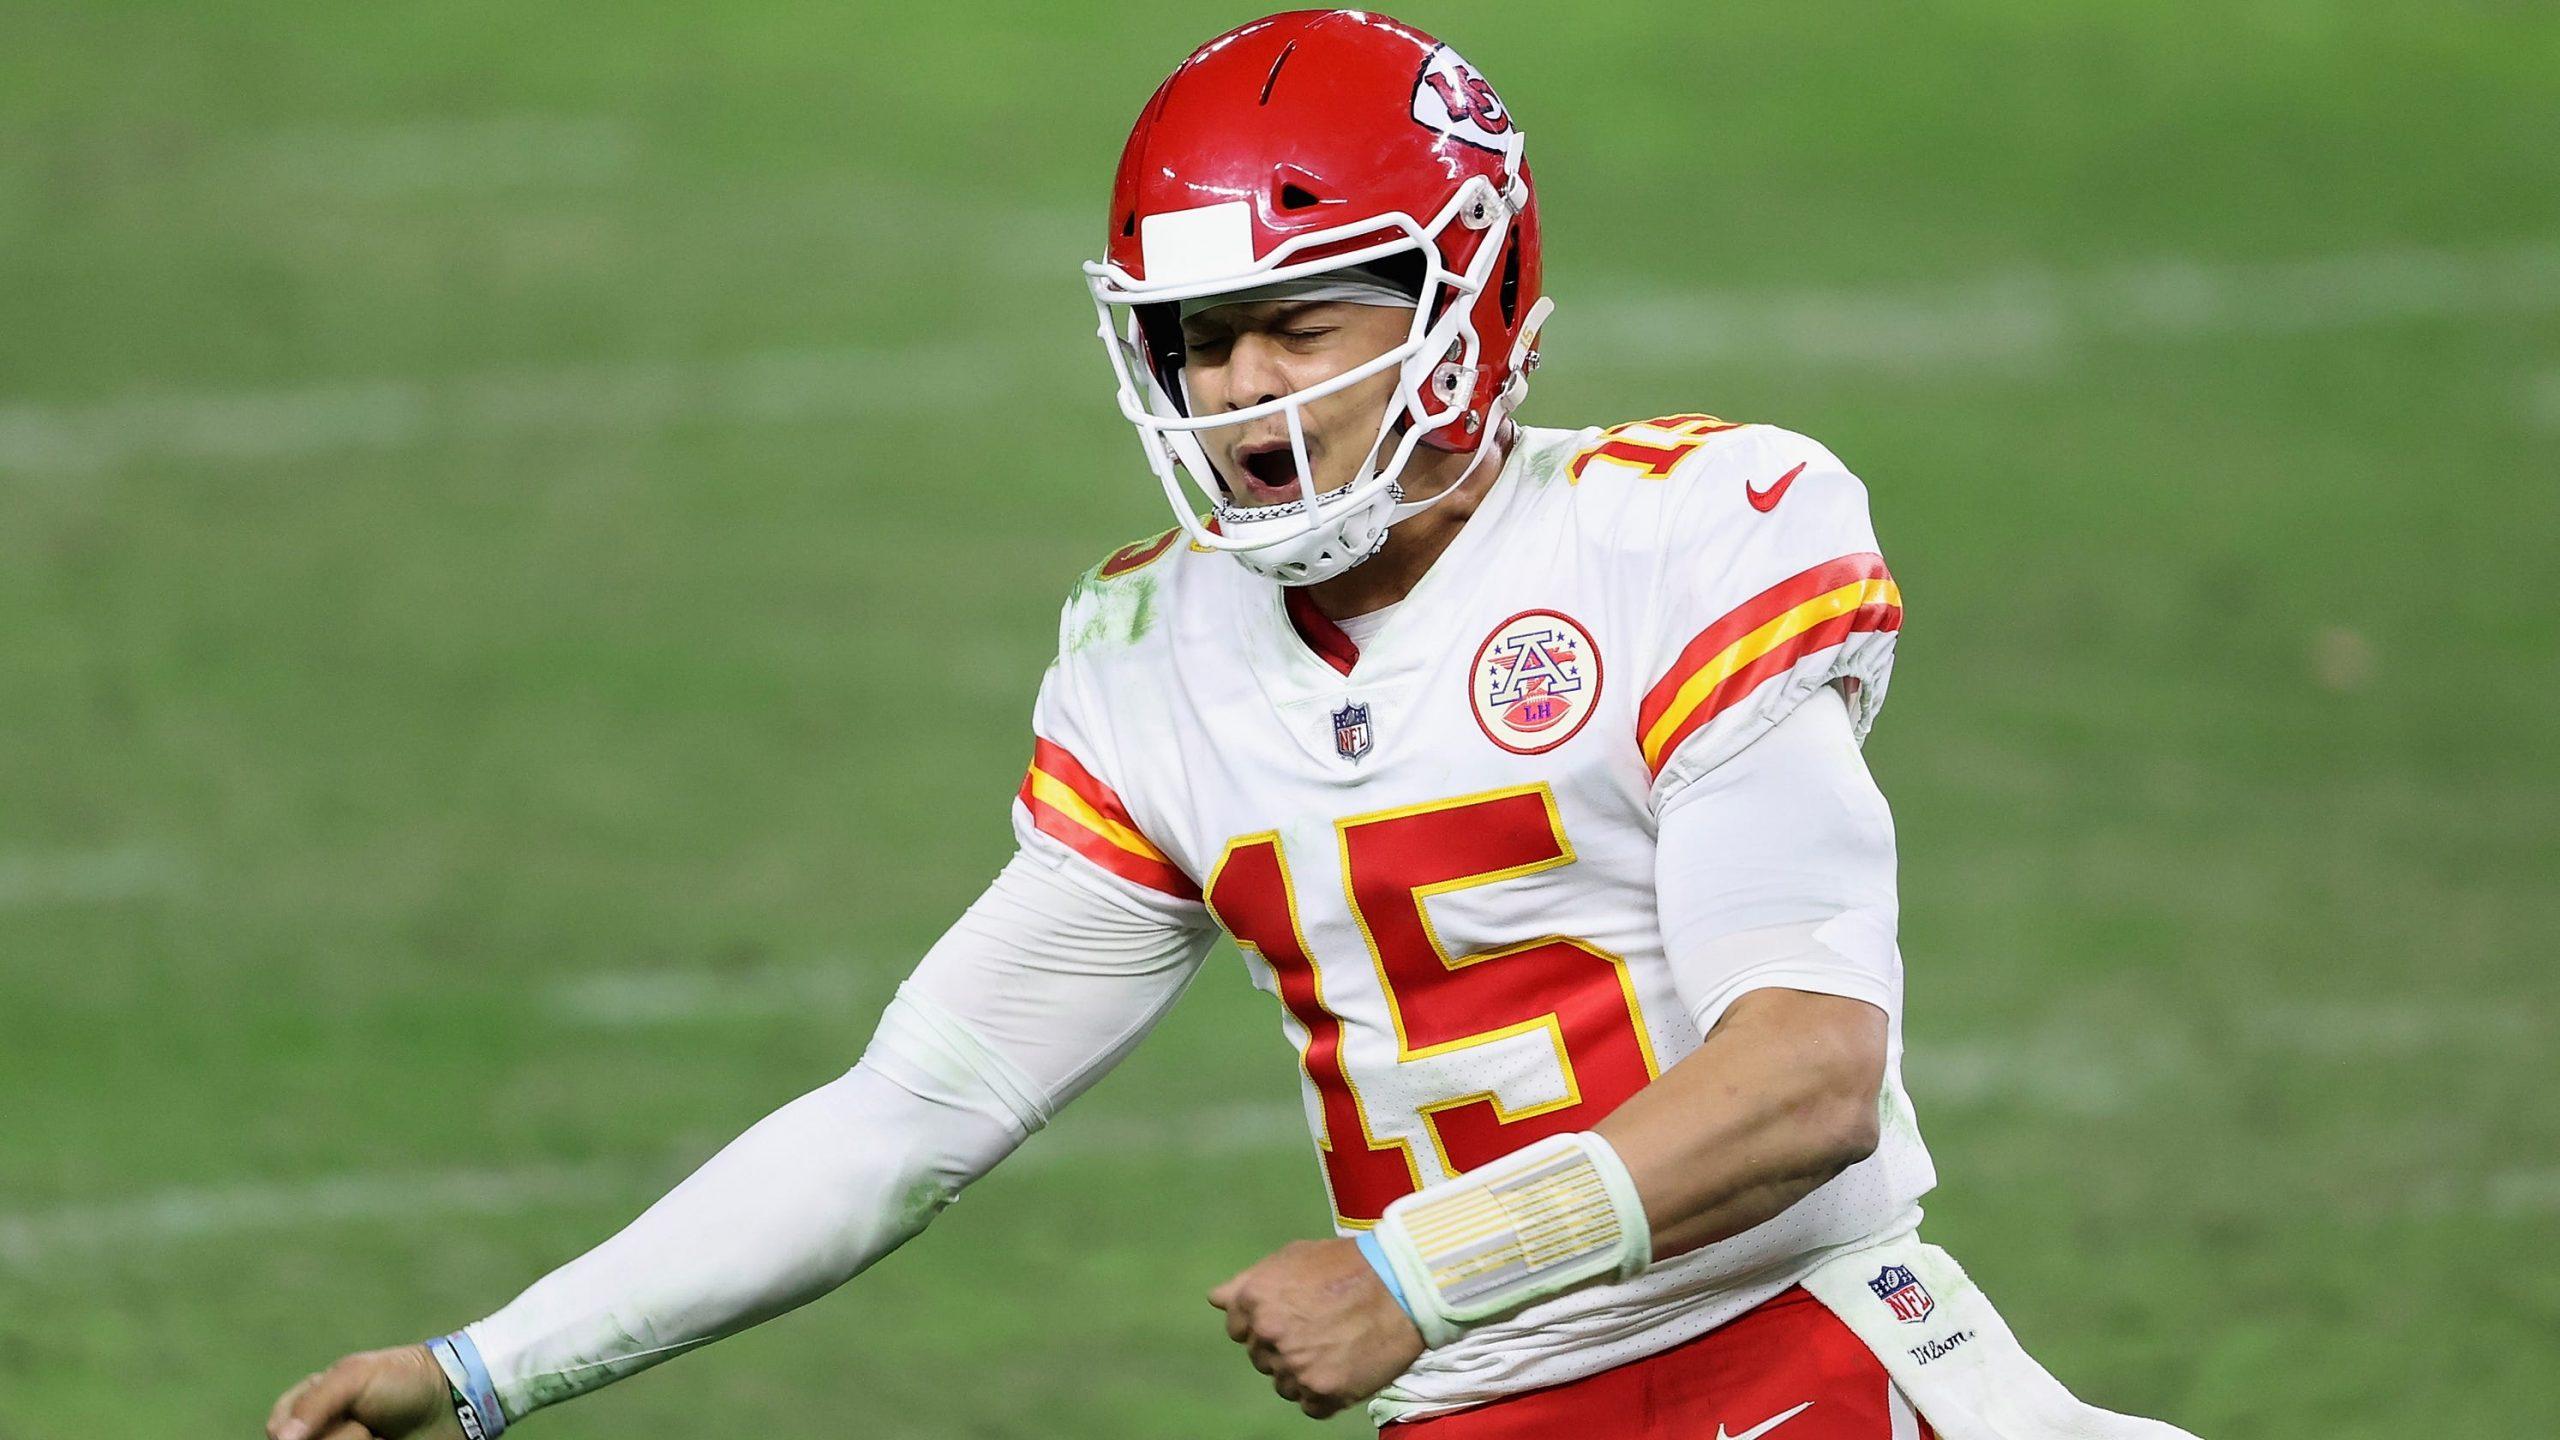 NFL Week 11 winners, losers: Chiefs get their revenge, Cowboys rise again